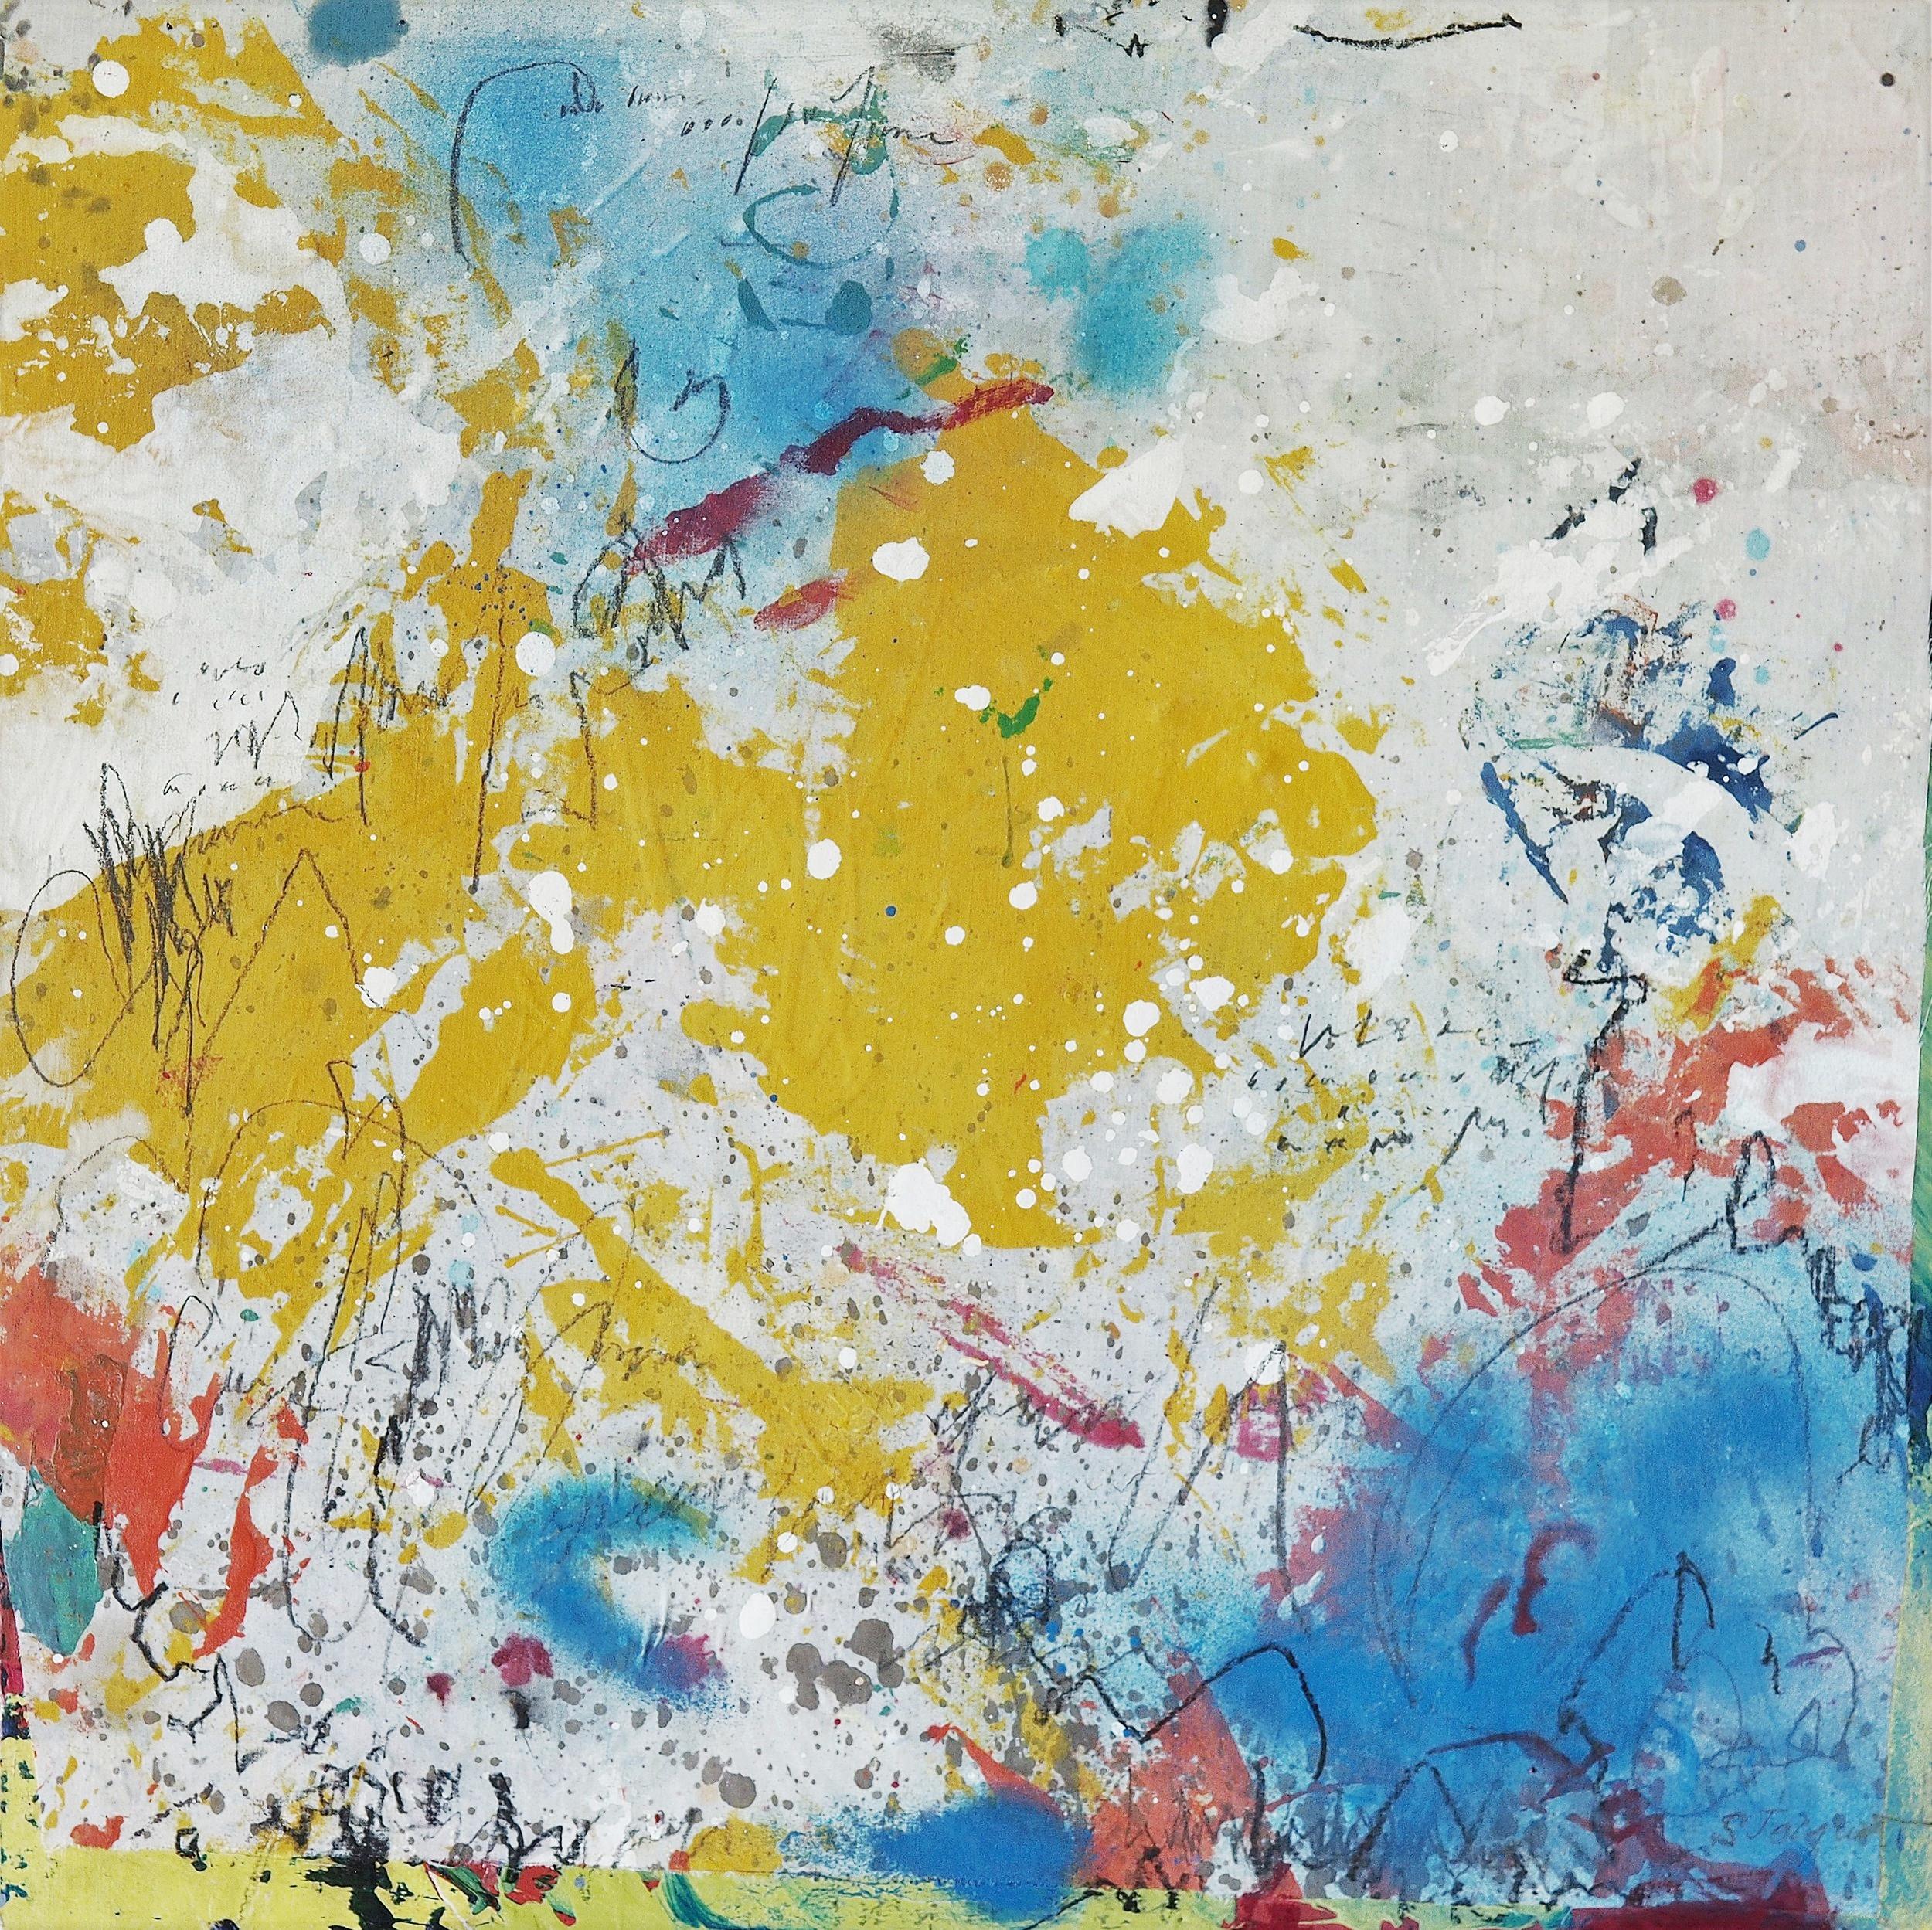 """Acrylic on cloth on wood panel 16SWP109 20"""" x 20"""" x 1.5"""""""